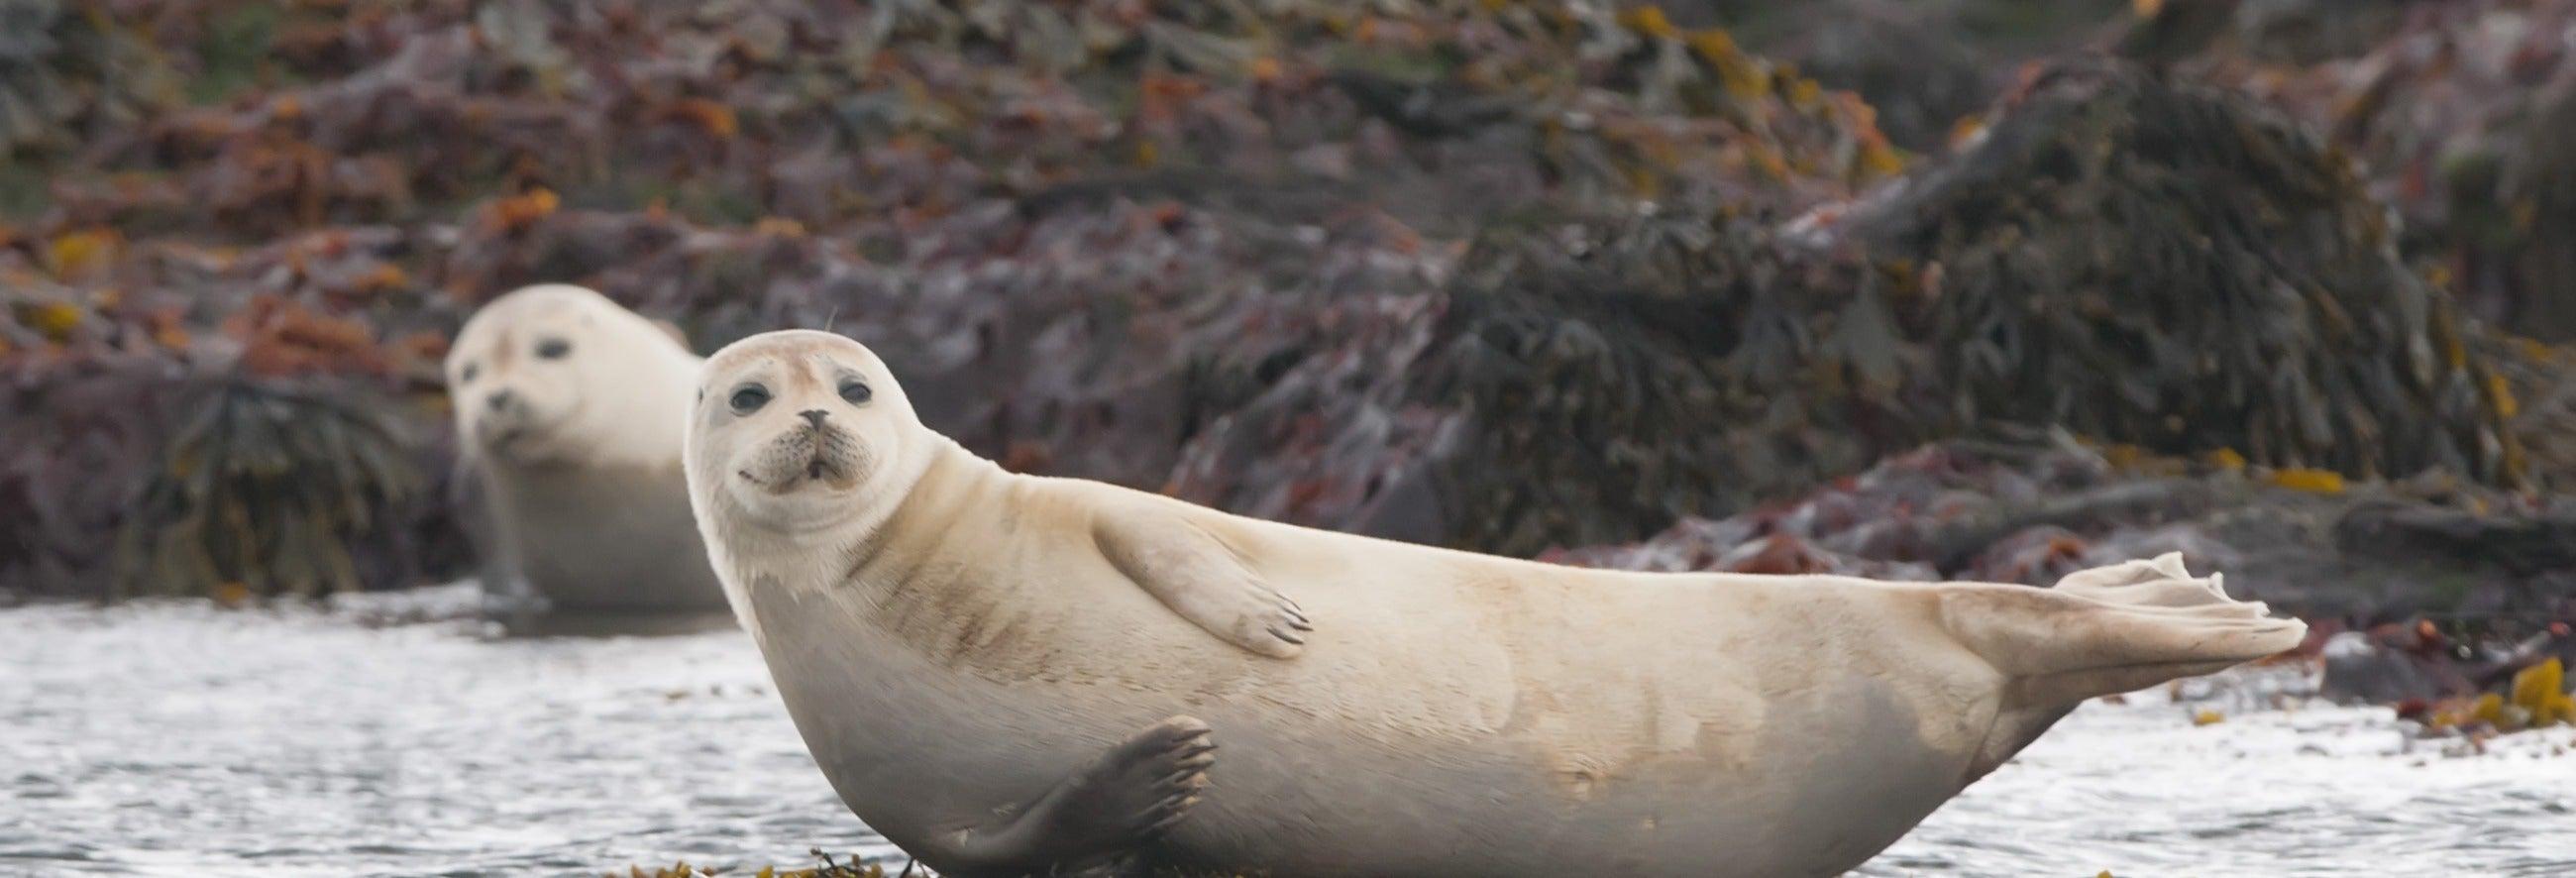 Avvistamento di foche a Raudasandur